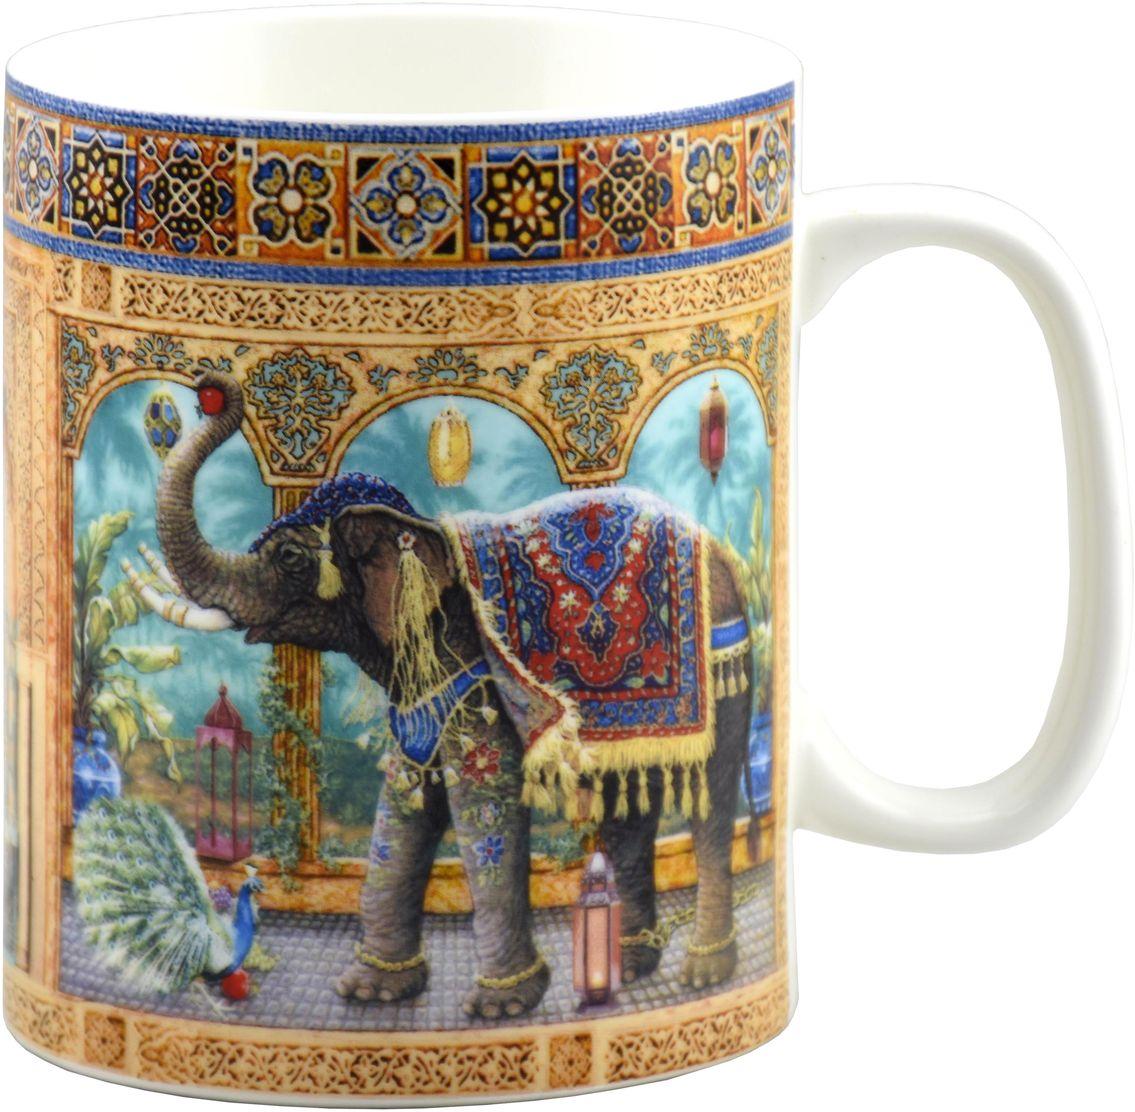 Кружка-гигант GiftnHome Marrakesh, 700 мл68/5/3Кружка-гигант GiftnHome Marrakesh выполнена из костяного фарфора. Она является представителем редкой серии гигантских подарочных кружек, выпускаемых ограниченным тиражом, которые, помимо своего основного назначения, прекрасно подходят для использования в качестве настольного пенала для авторучек и карандашей - превосходный подарок боссу, любому руководителю, бизнесмену любого уровня. Высота: 11,2 см.Диаметр: 10 см.